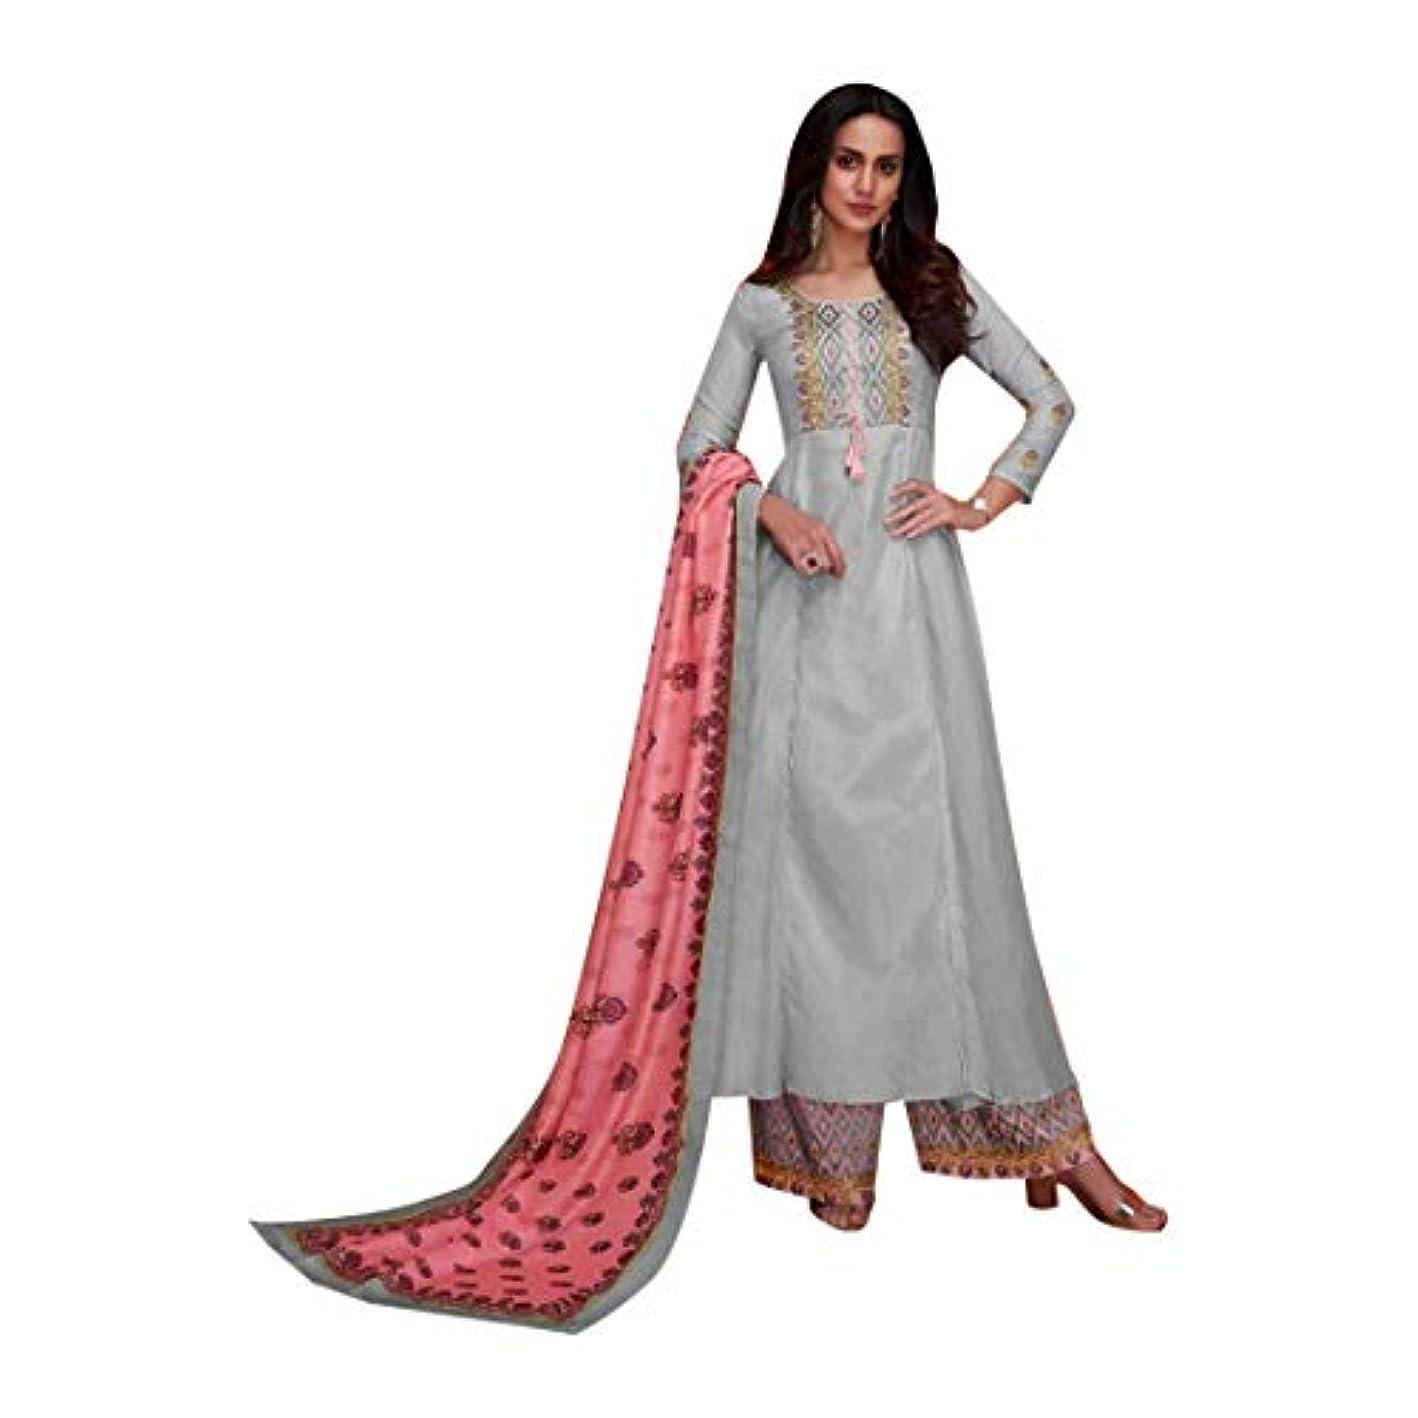 構造的降ろすミットIndian dress イスラム教徒の女性のパーティーウェアデザイナーヘビー刺繍モスリンパラッツォスーツインドのドレス 8418